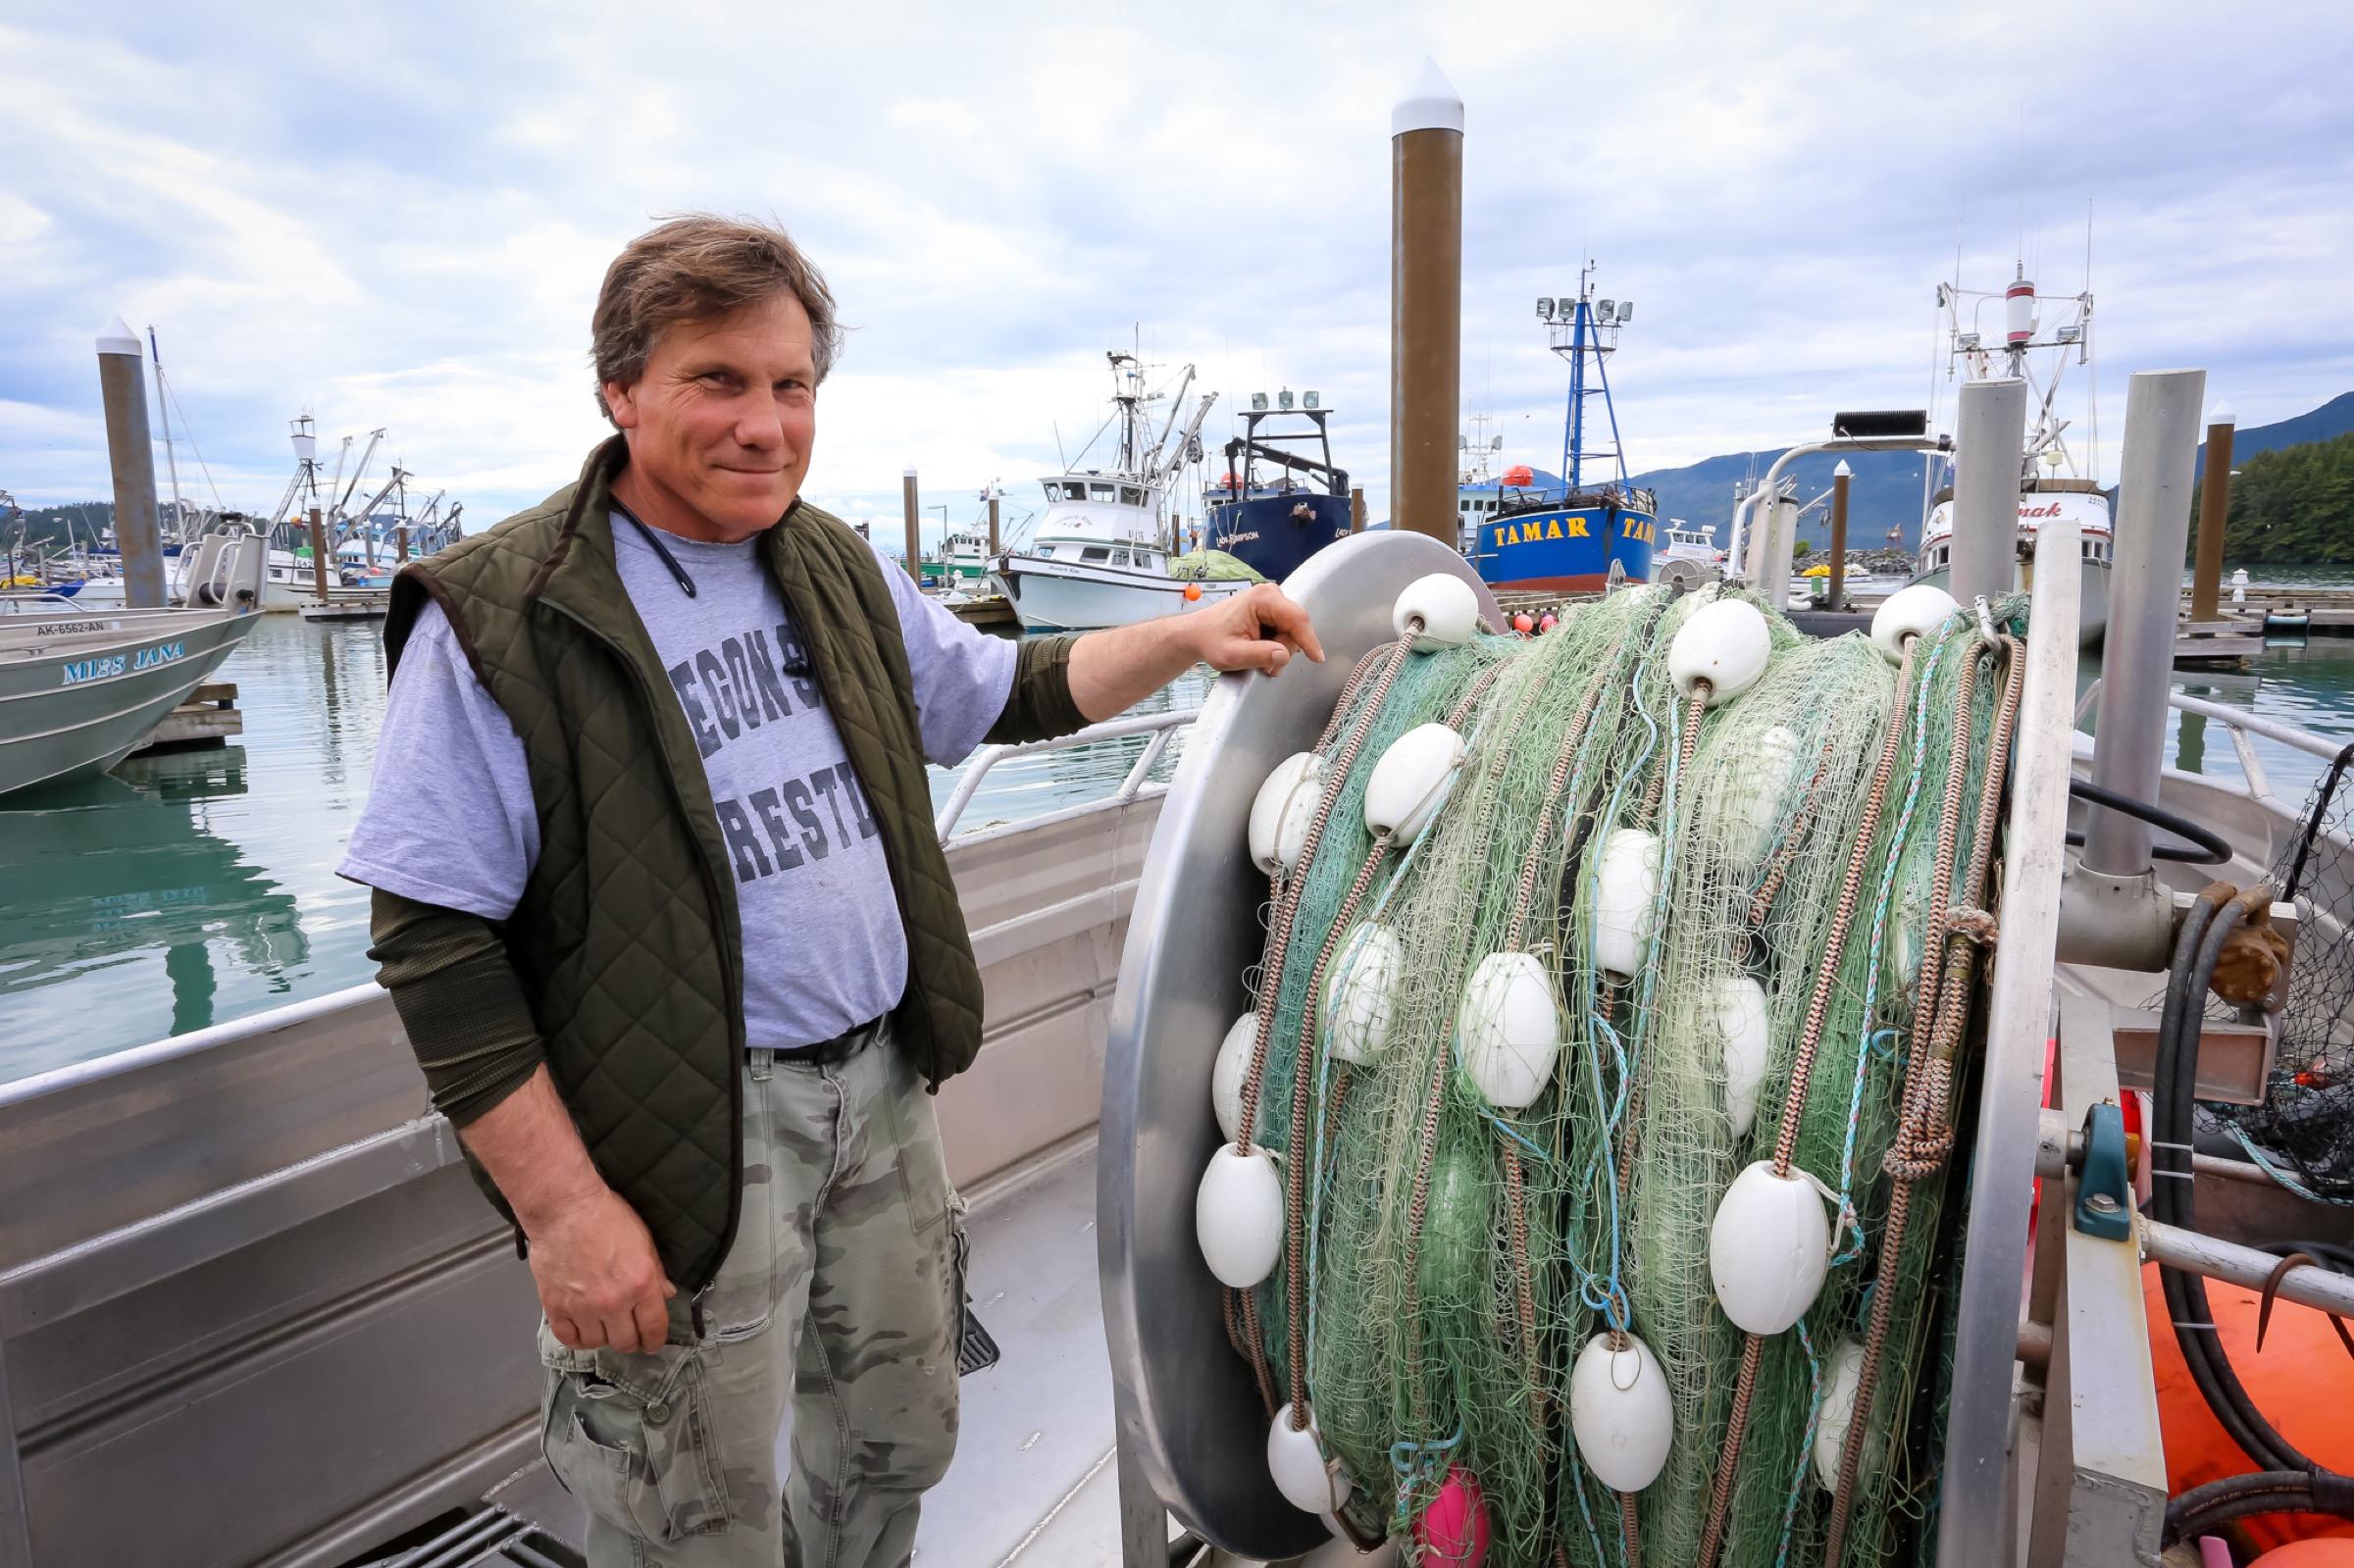 John Platt stands aboard his salmon gillnet boat, the Kokenhenic. Photograph by Julia Rosen